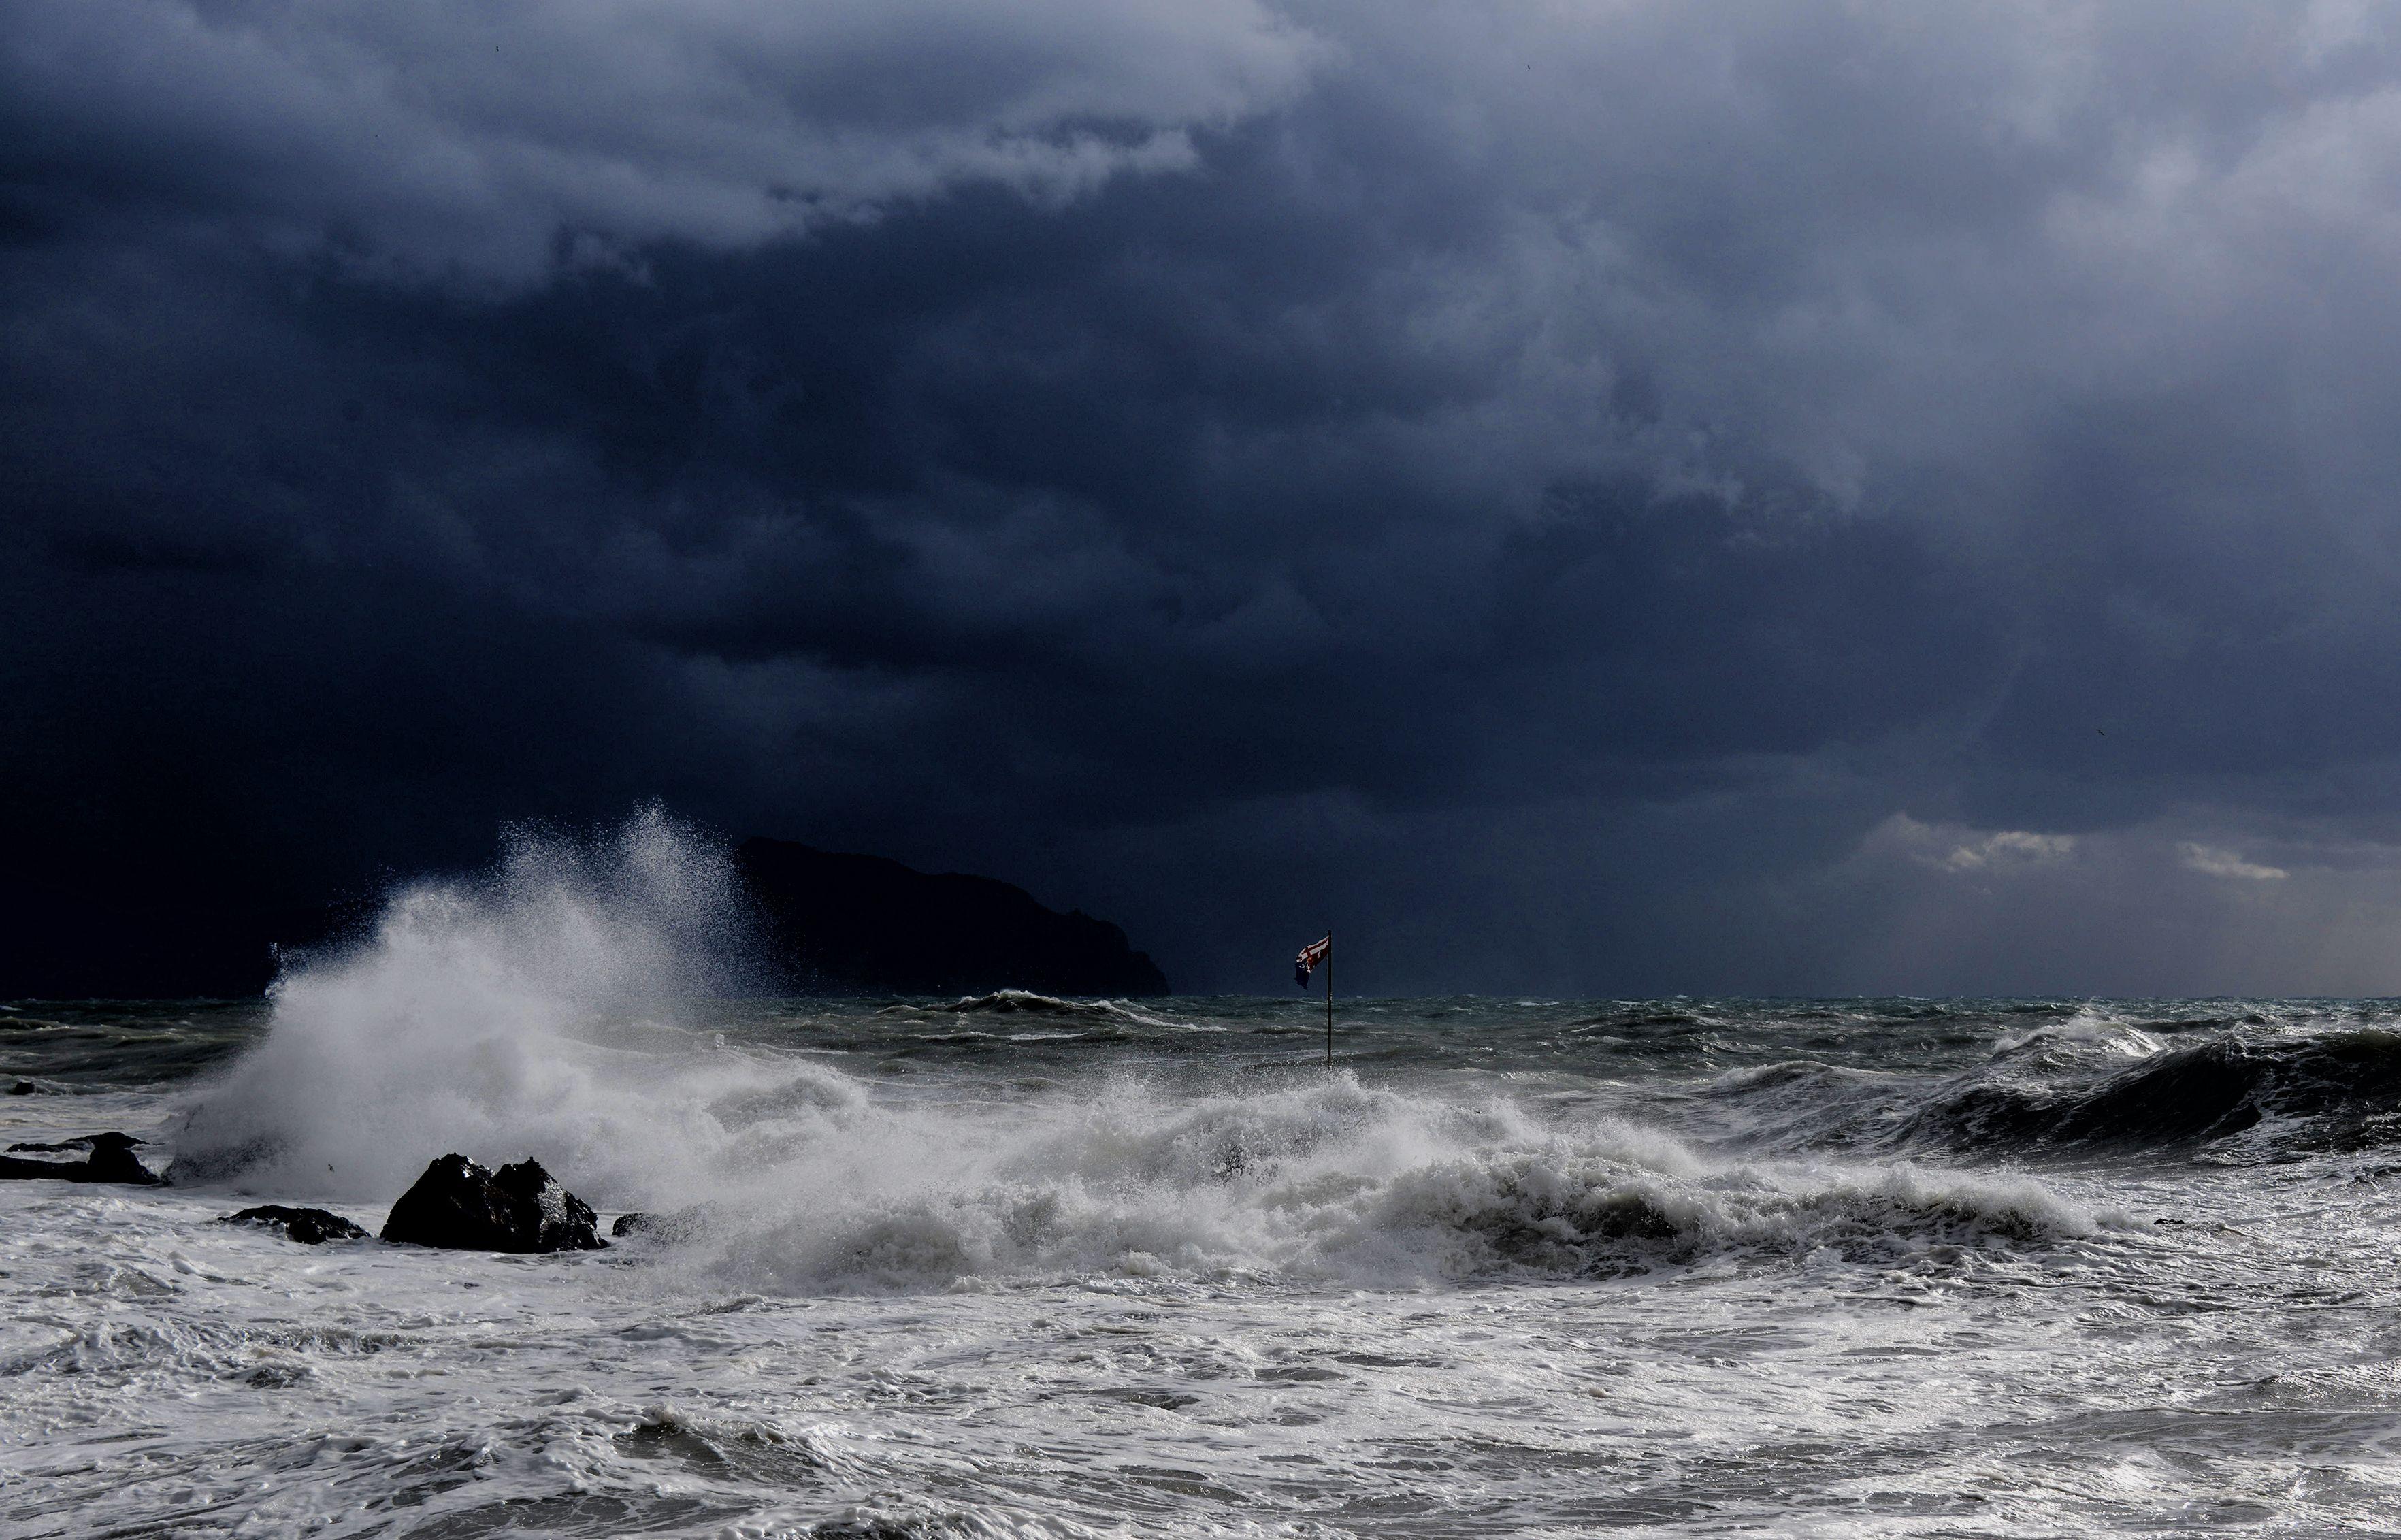 черное море шторм картинки устроить фотосессию для